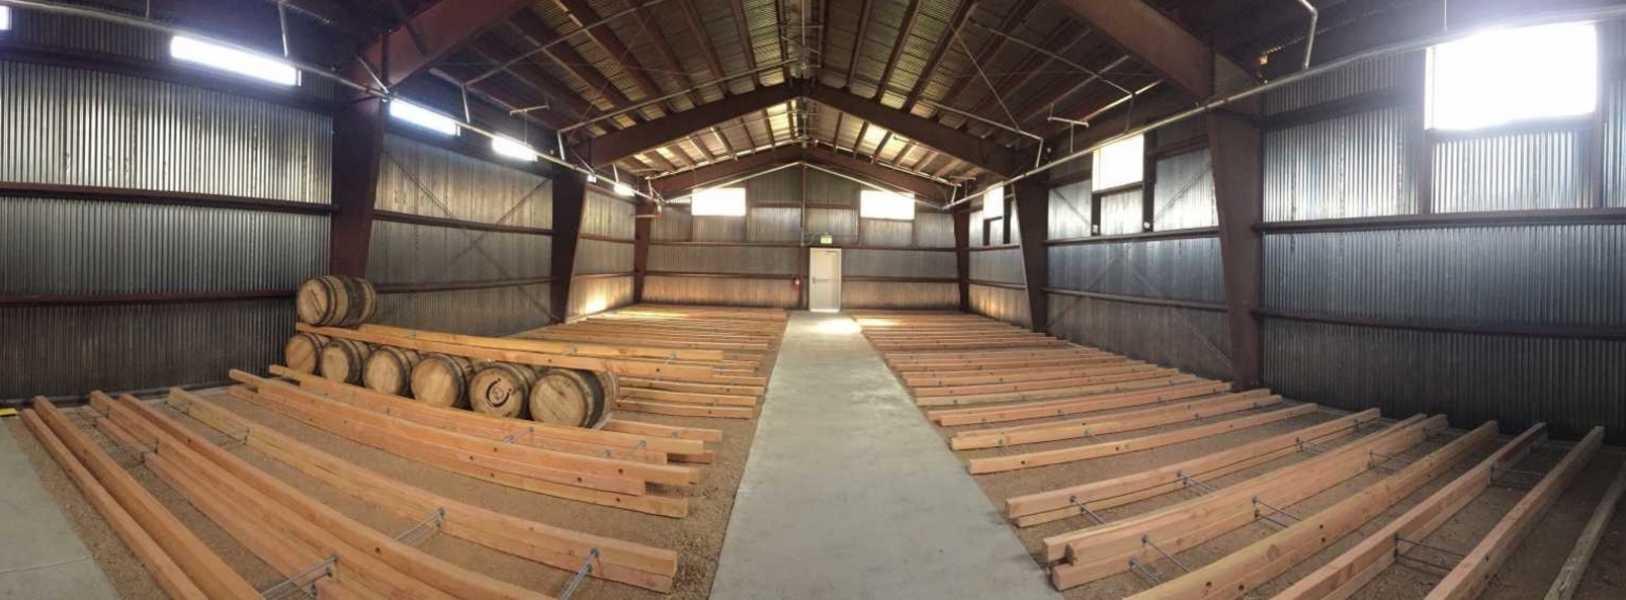 Milagro Winery California Allied Steel Buildings